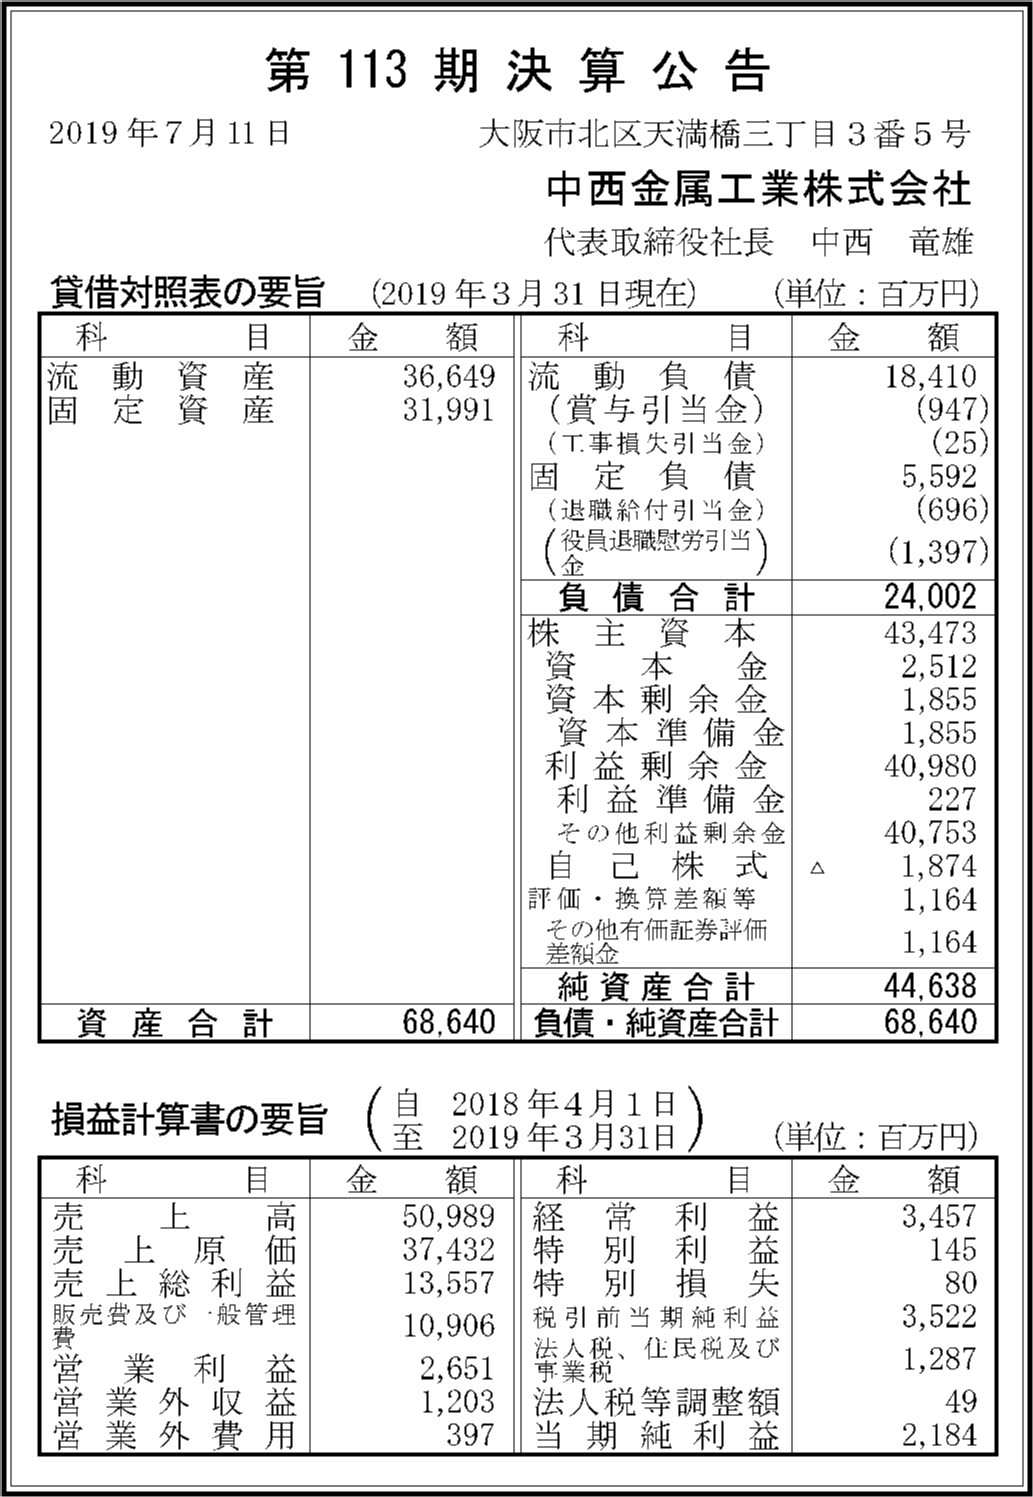 0159 7e7c9f382e2c3ff58c366dd672bee25c0f97710d381e20d1625423d42a69c7b7549450babcd79ebf1d8171e00992b1c9b3f3e1781bcbf505bdff79f2a01167aa 04